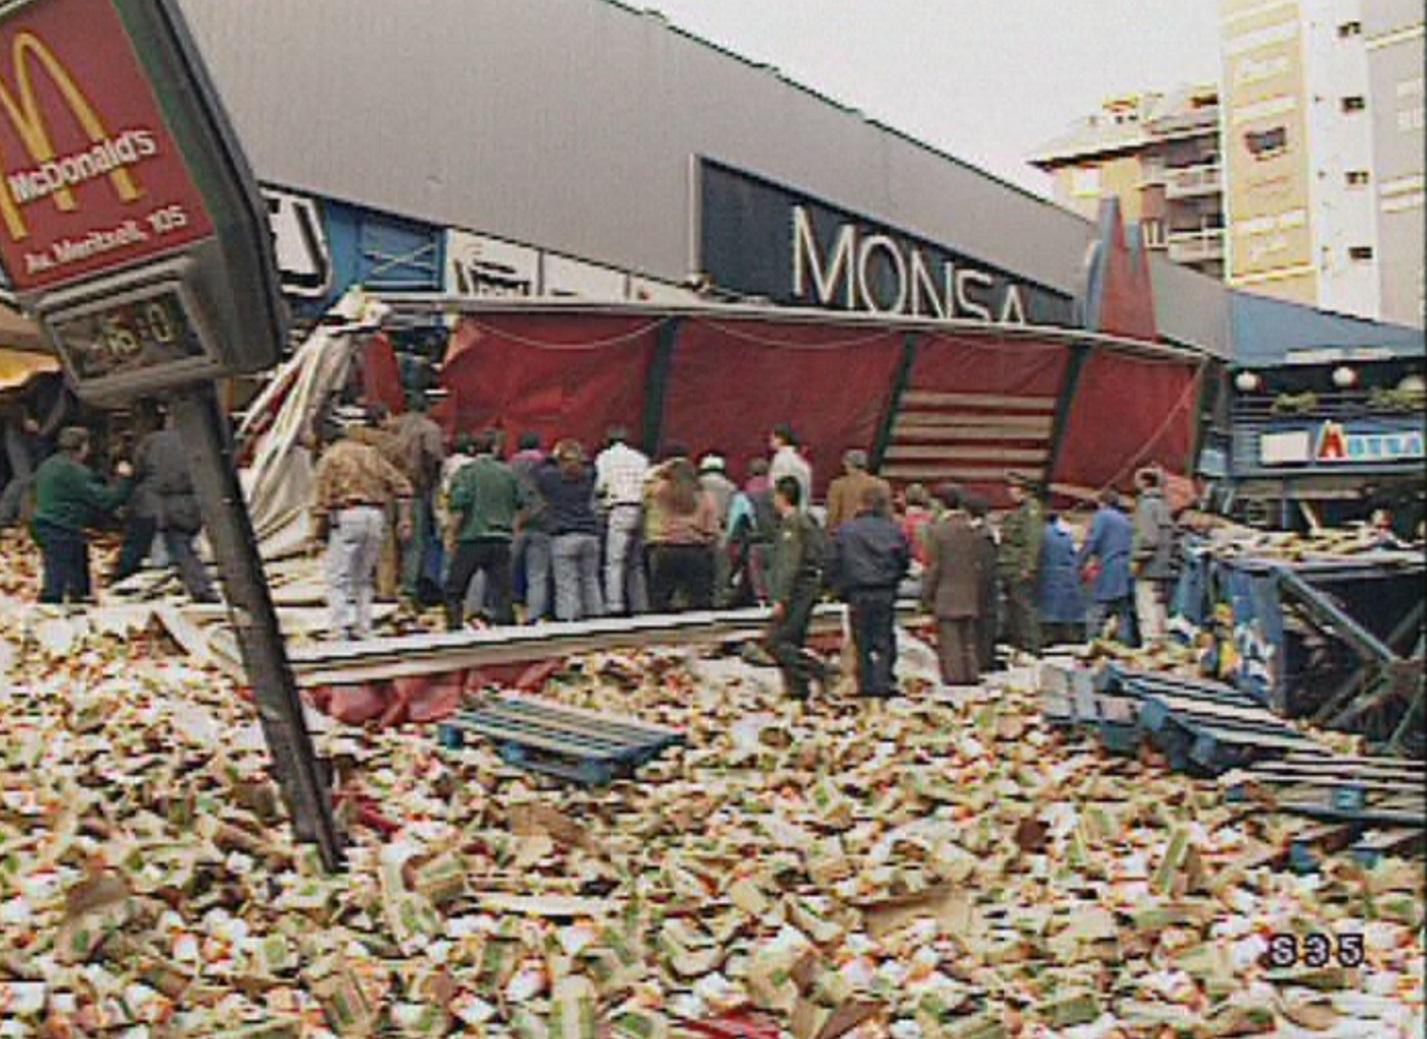 25 anys de l'accident del Monsa: el relat dels testimonis